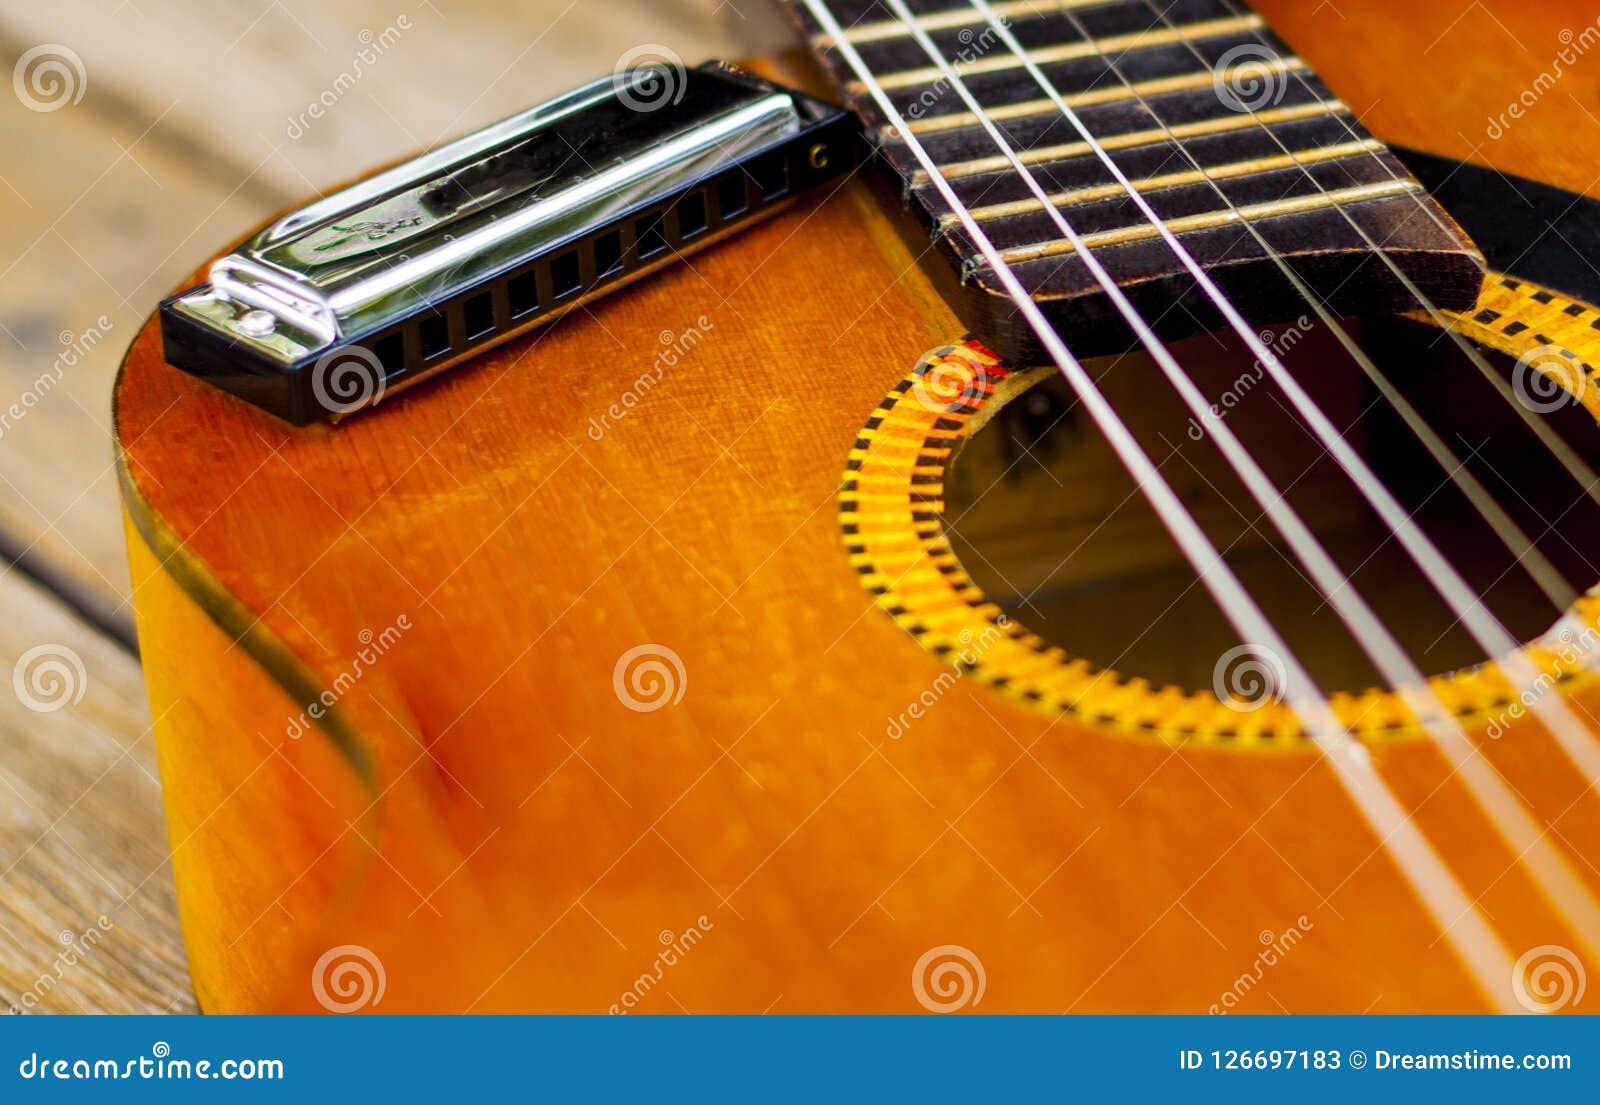 En munspel på en klassisk gitarr